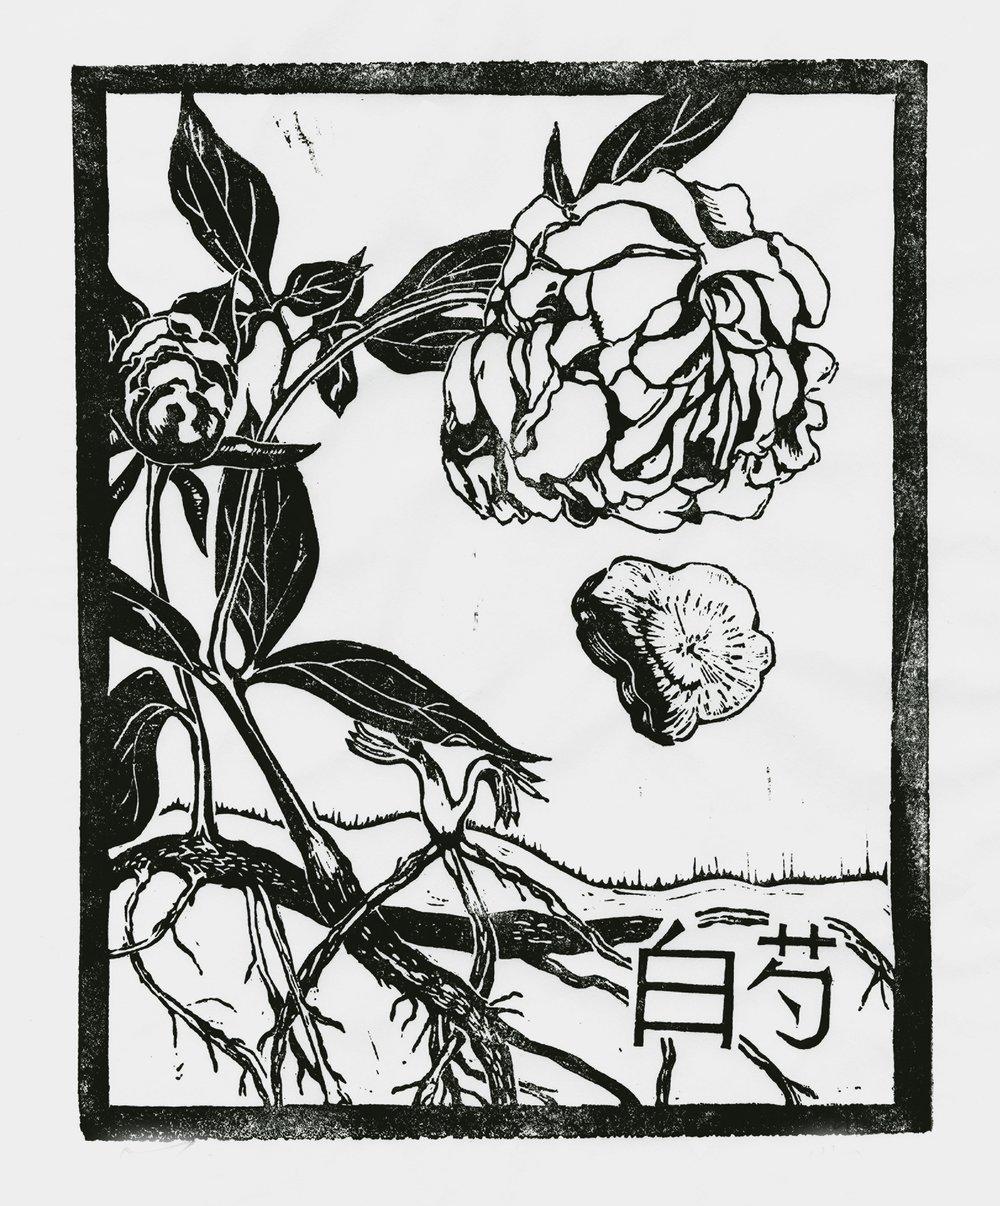 Baishao, linoleum print by Maria Hicks.